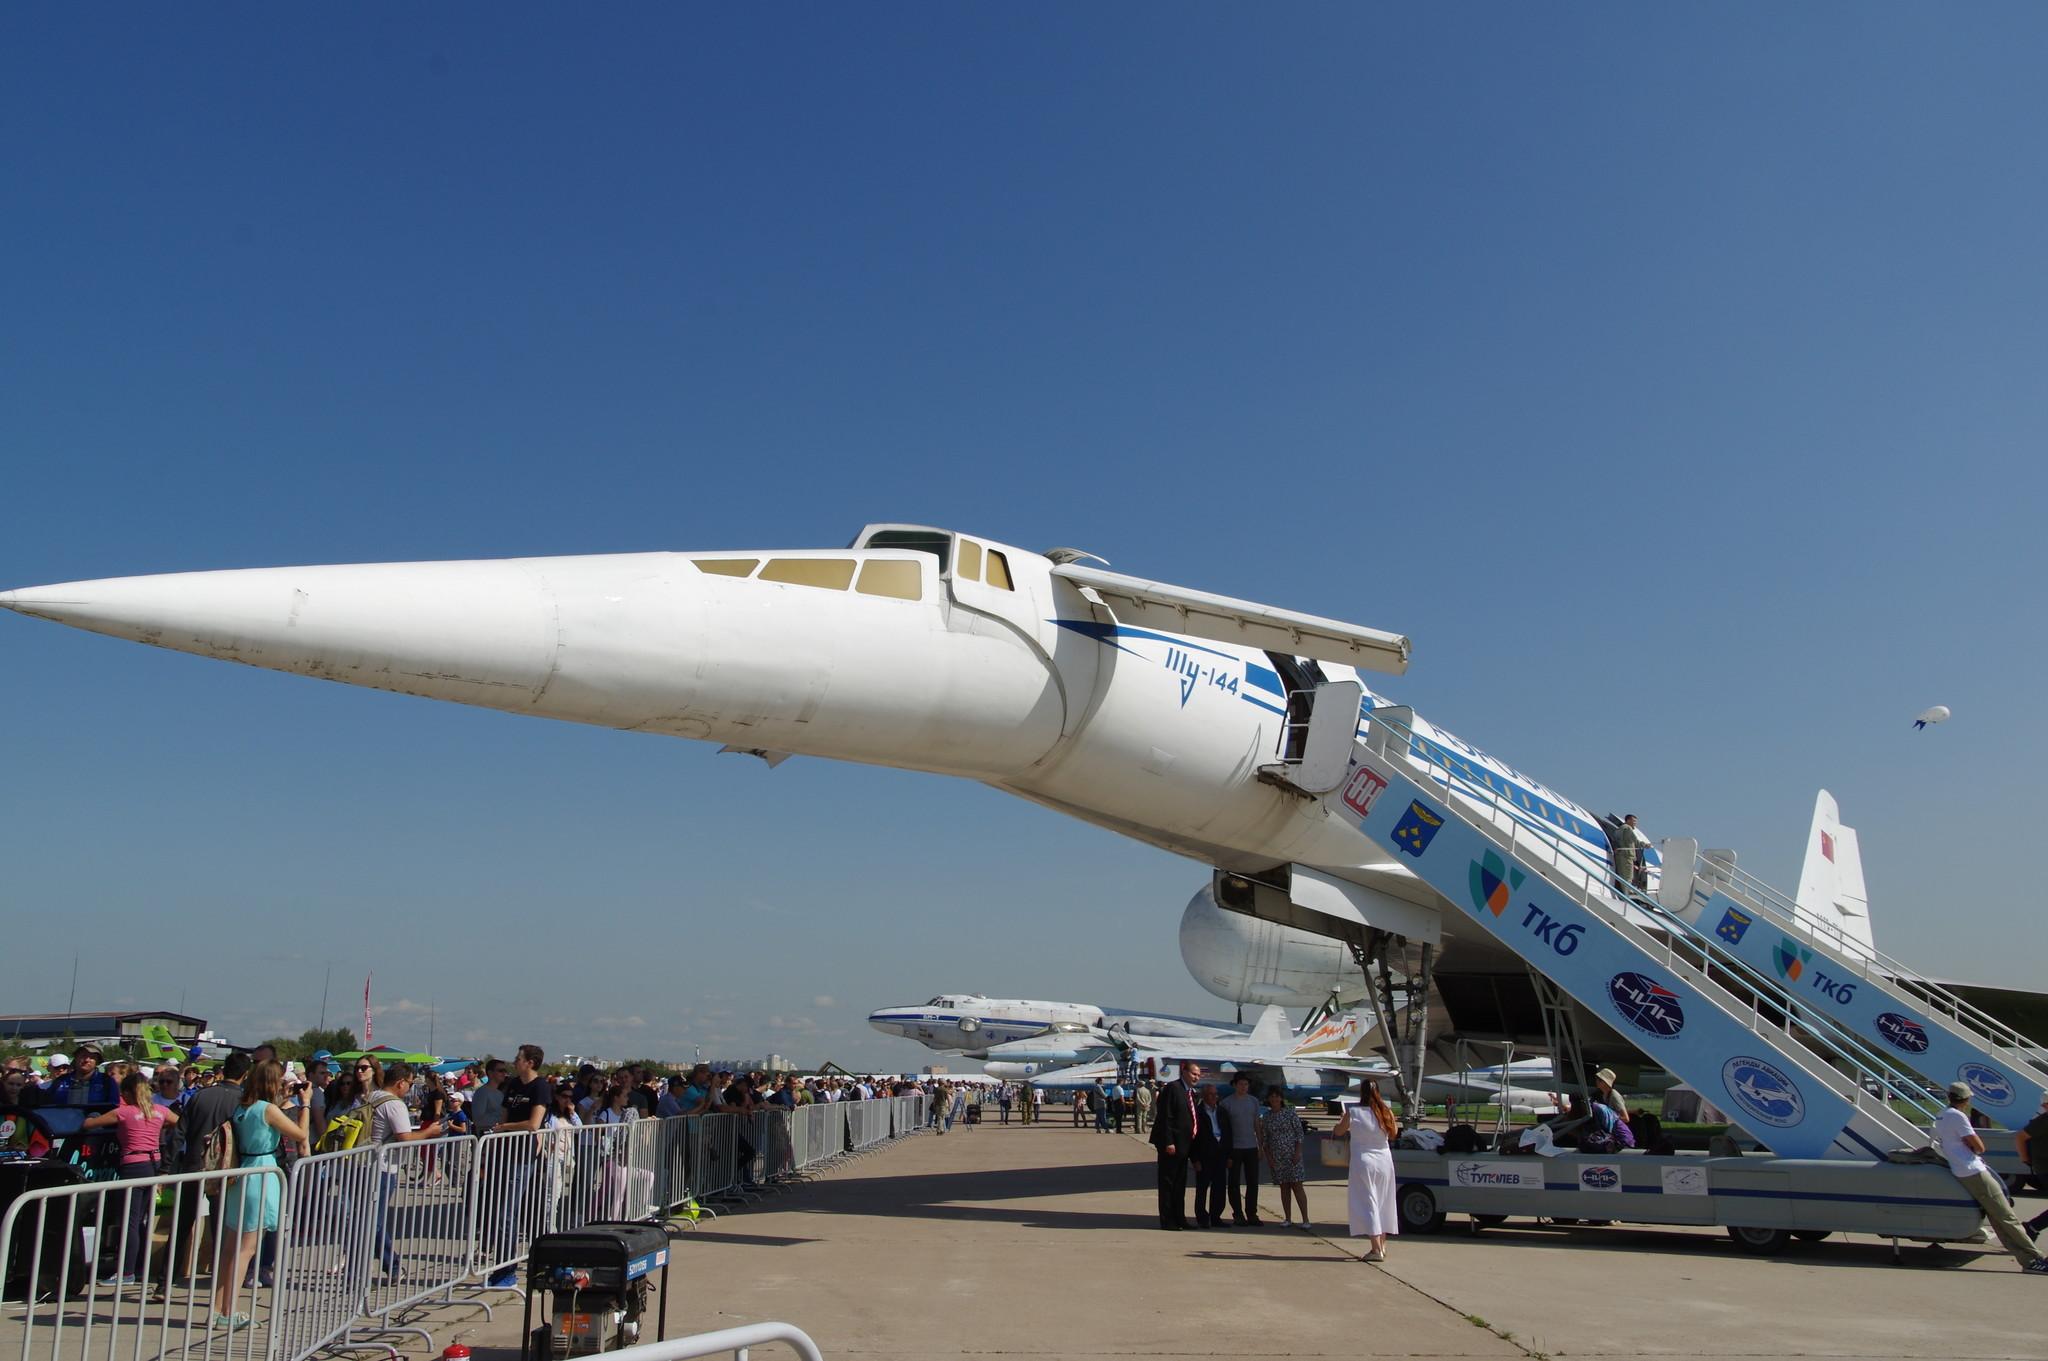 Сверхзвуковой пассажирский самолёт Ту-144